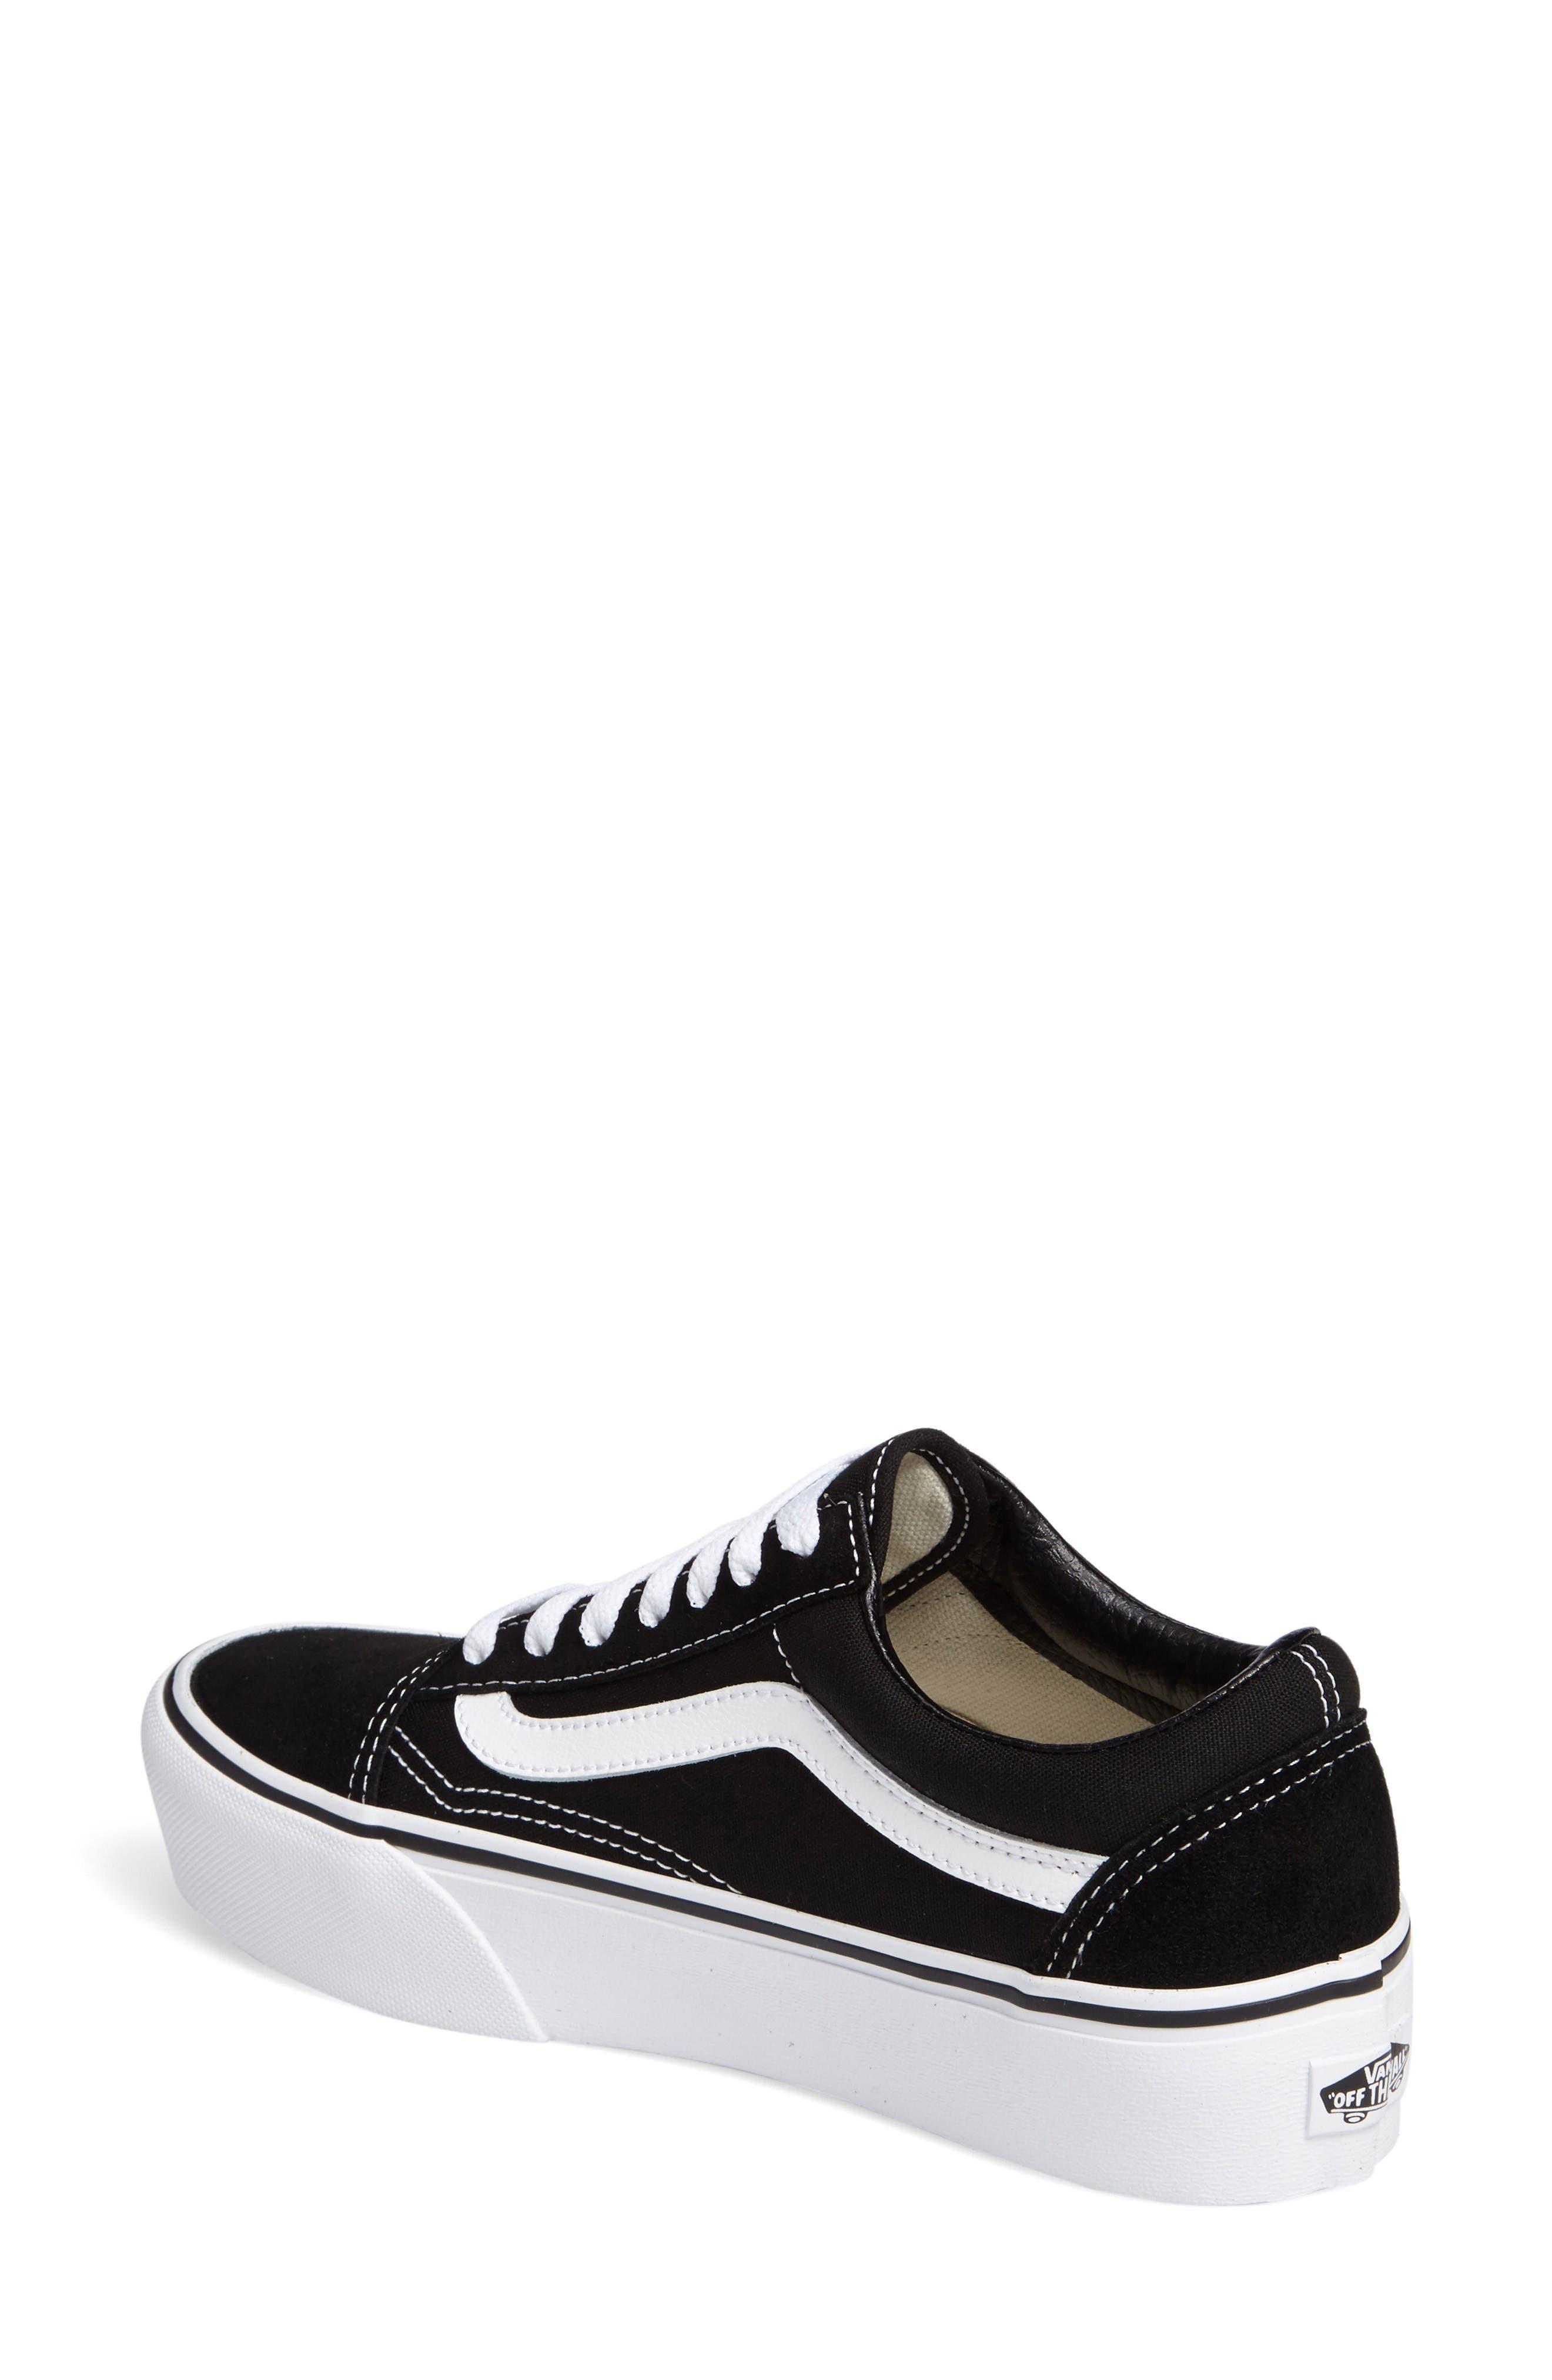 Old Skool Platform Sneaker,                             Alternate thumbnail 2, color,                             Black/ White